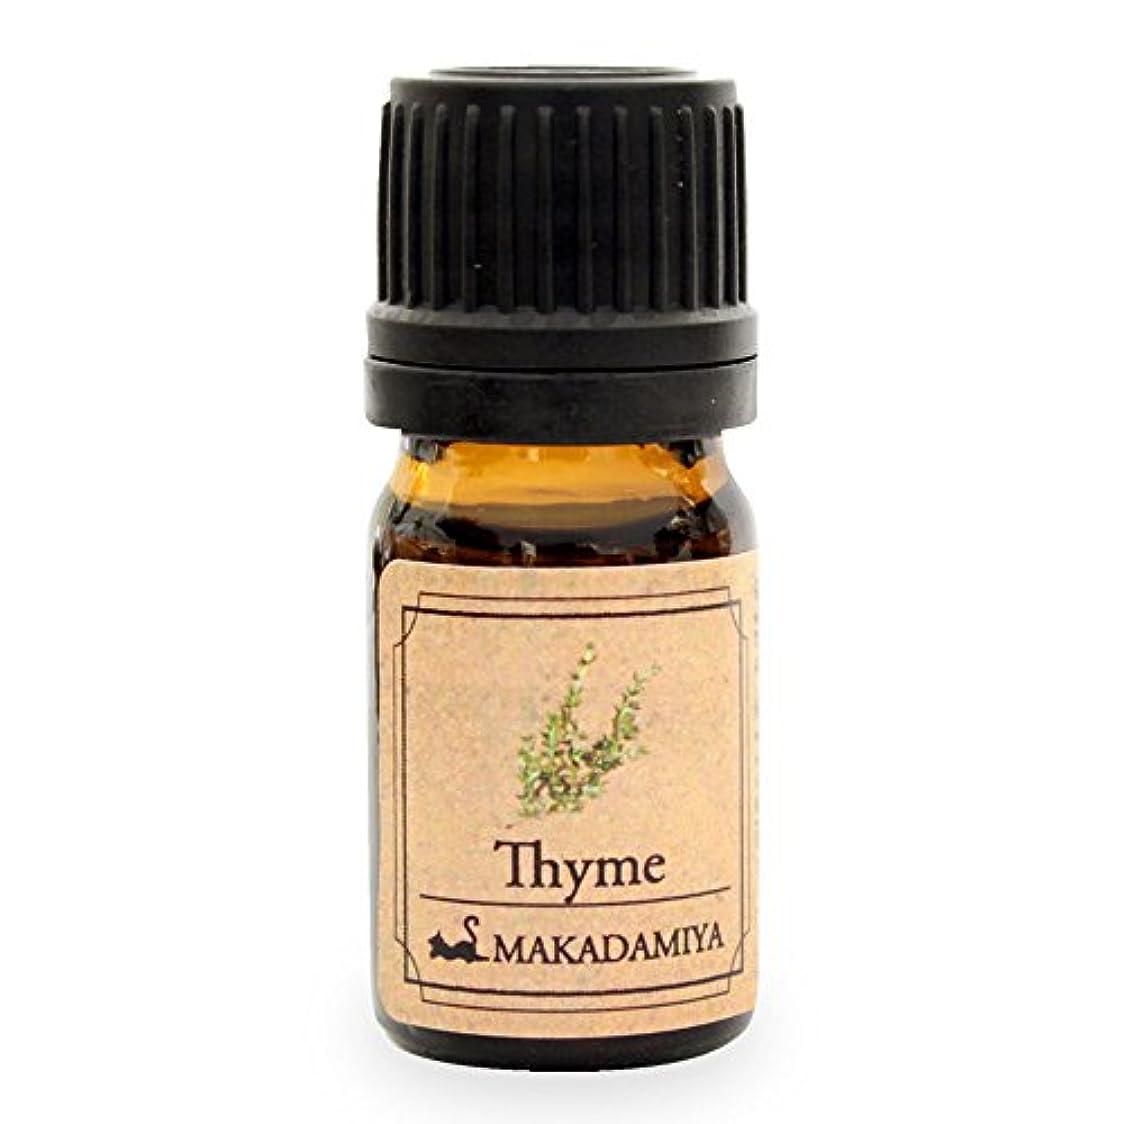 動詞敬な収縮タイム10ml 天然100%植物性 エッセンシャルオイル(精油) アロマオイル aroma Thyme